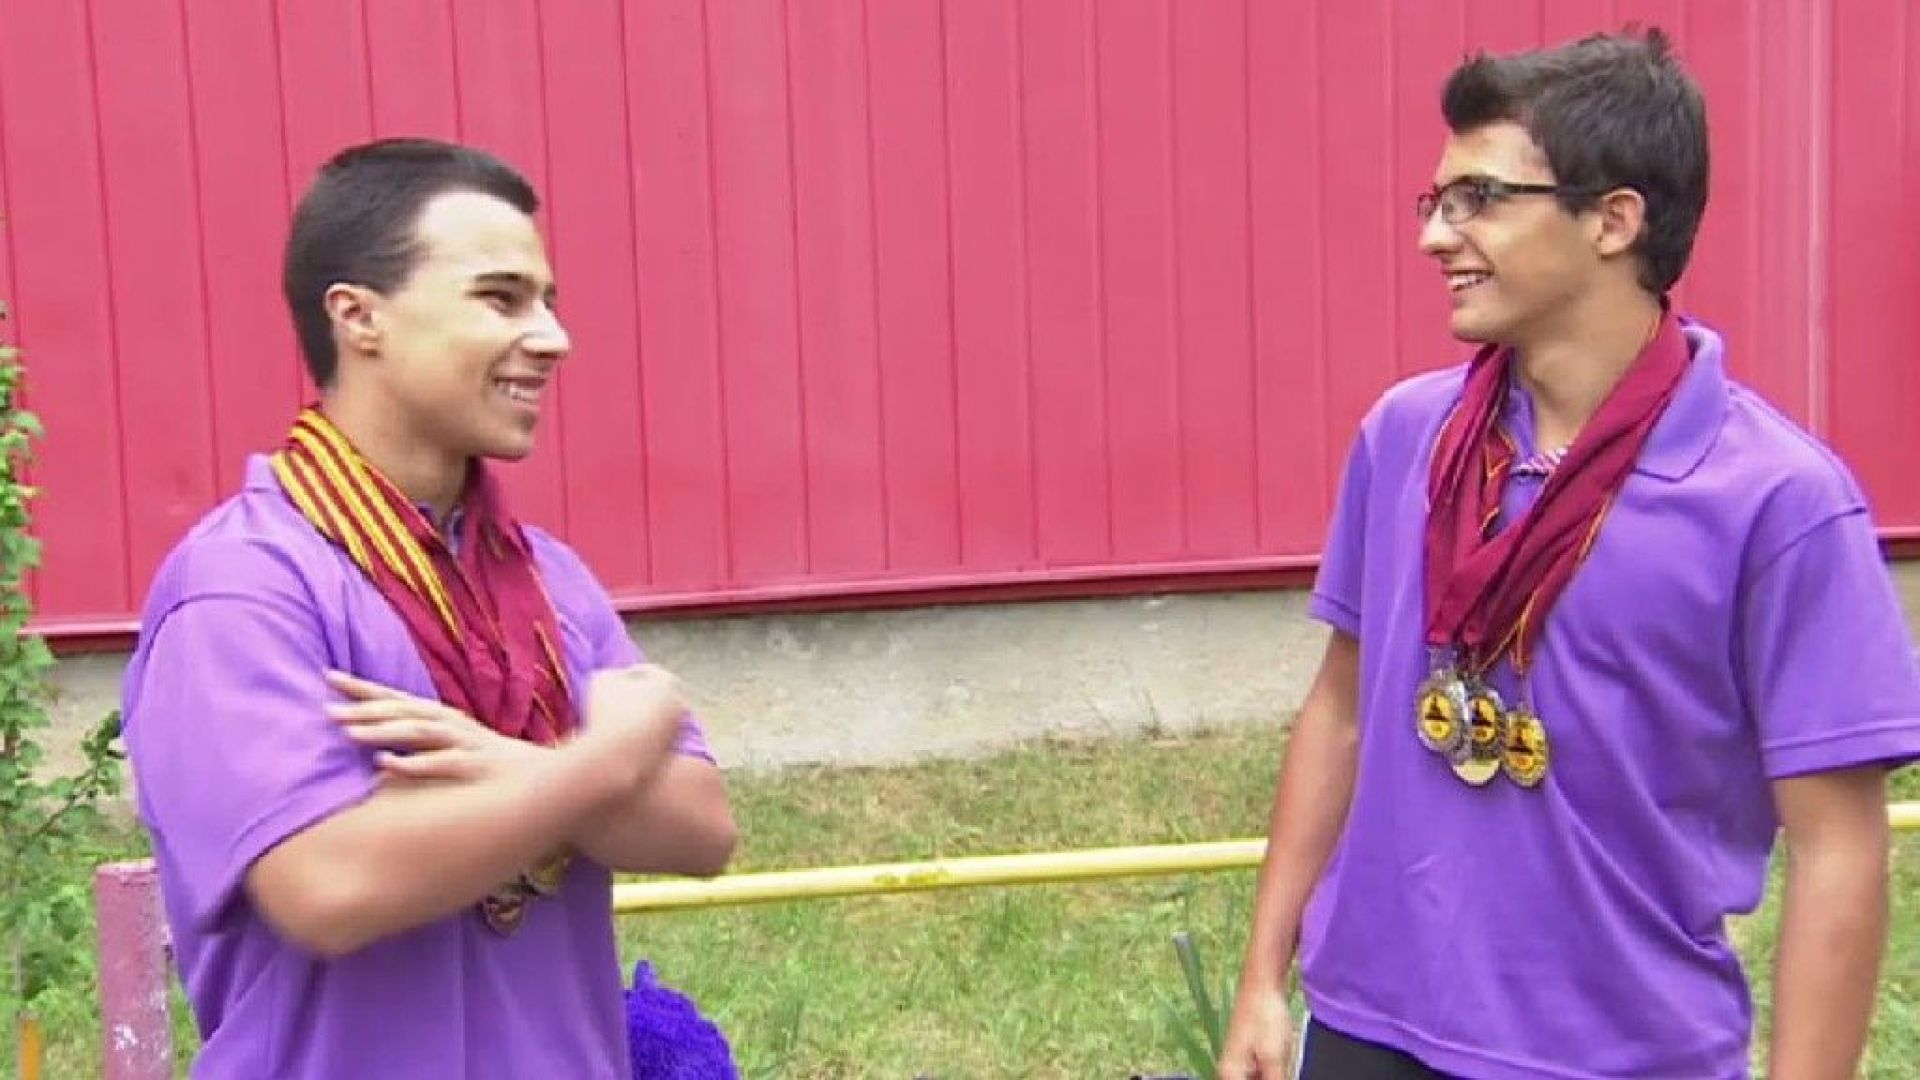 Деца събират пари, за да участват в престижно състезание